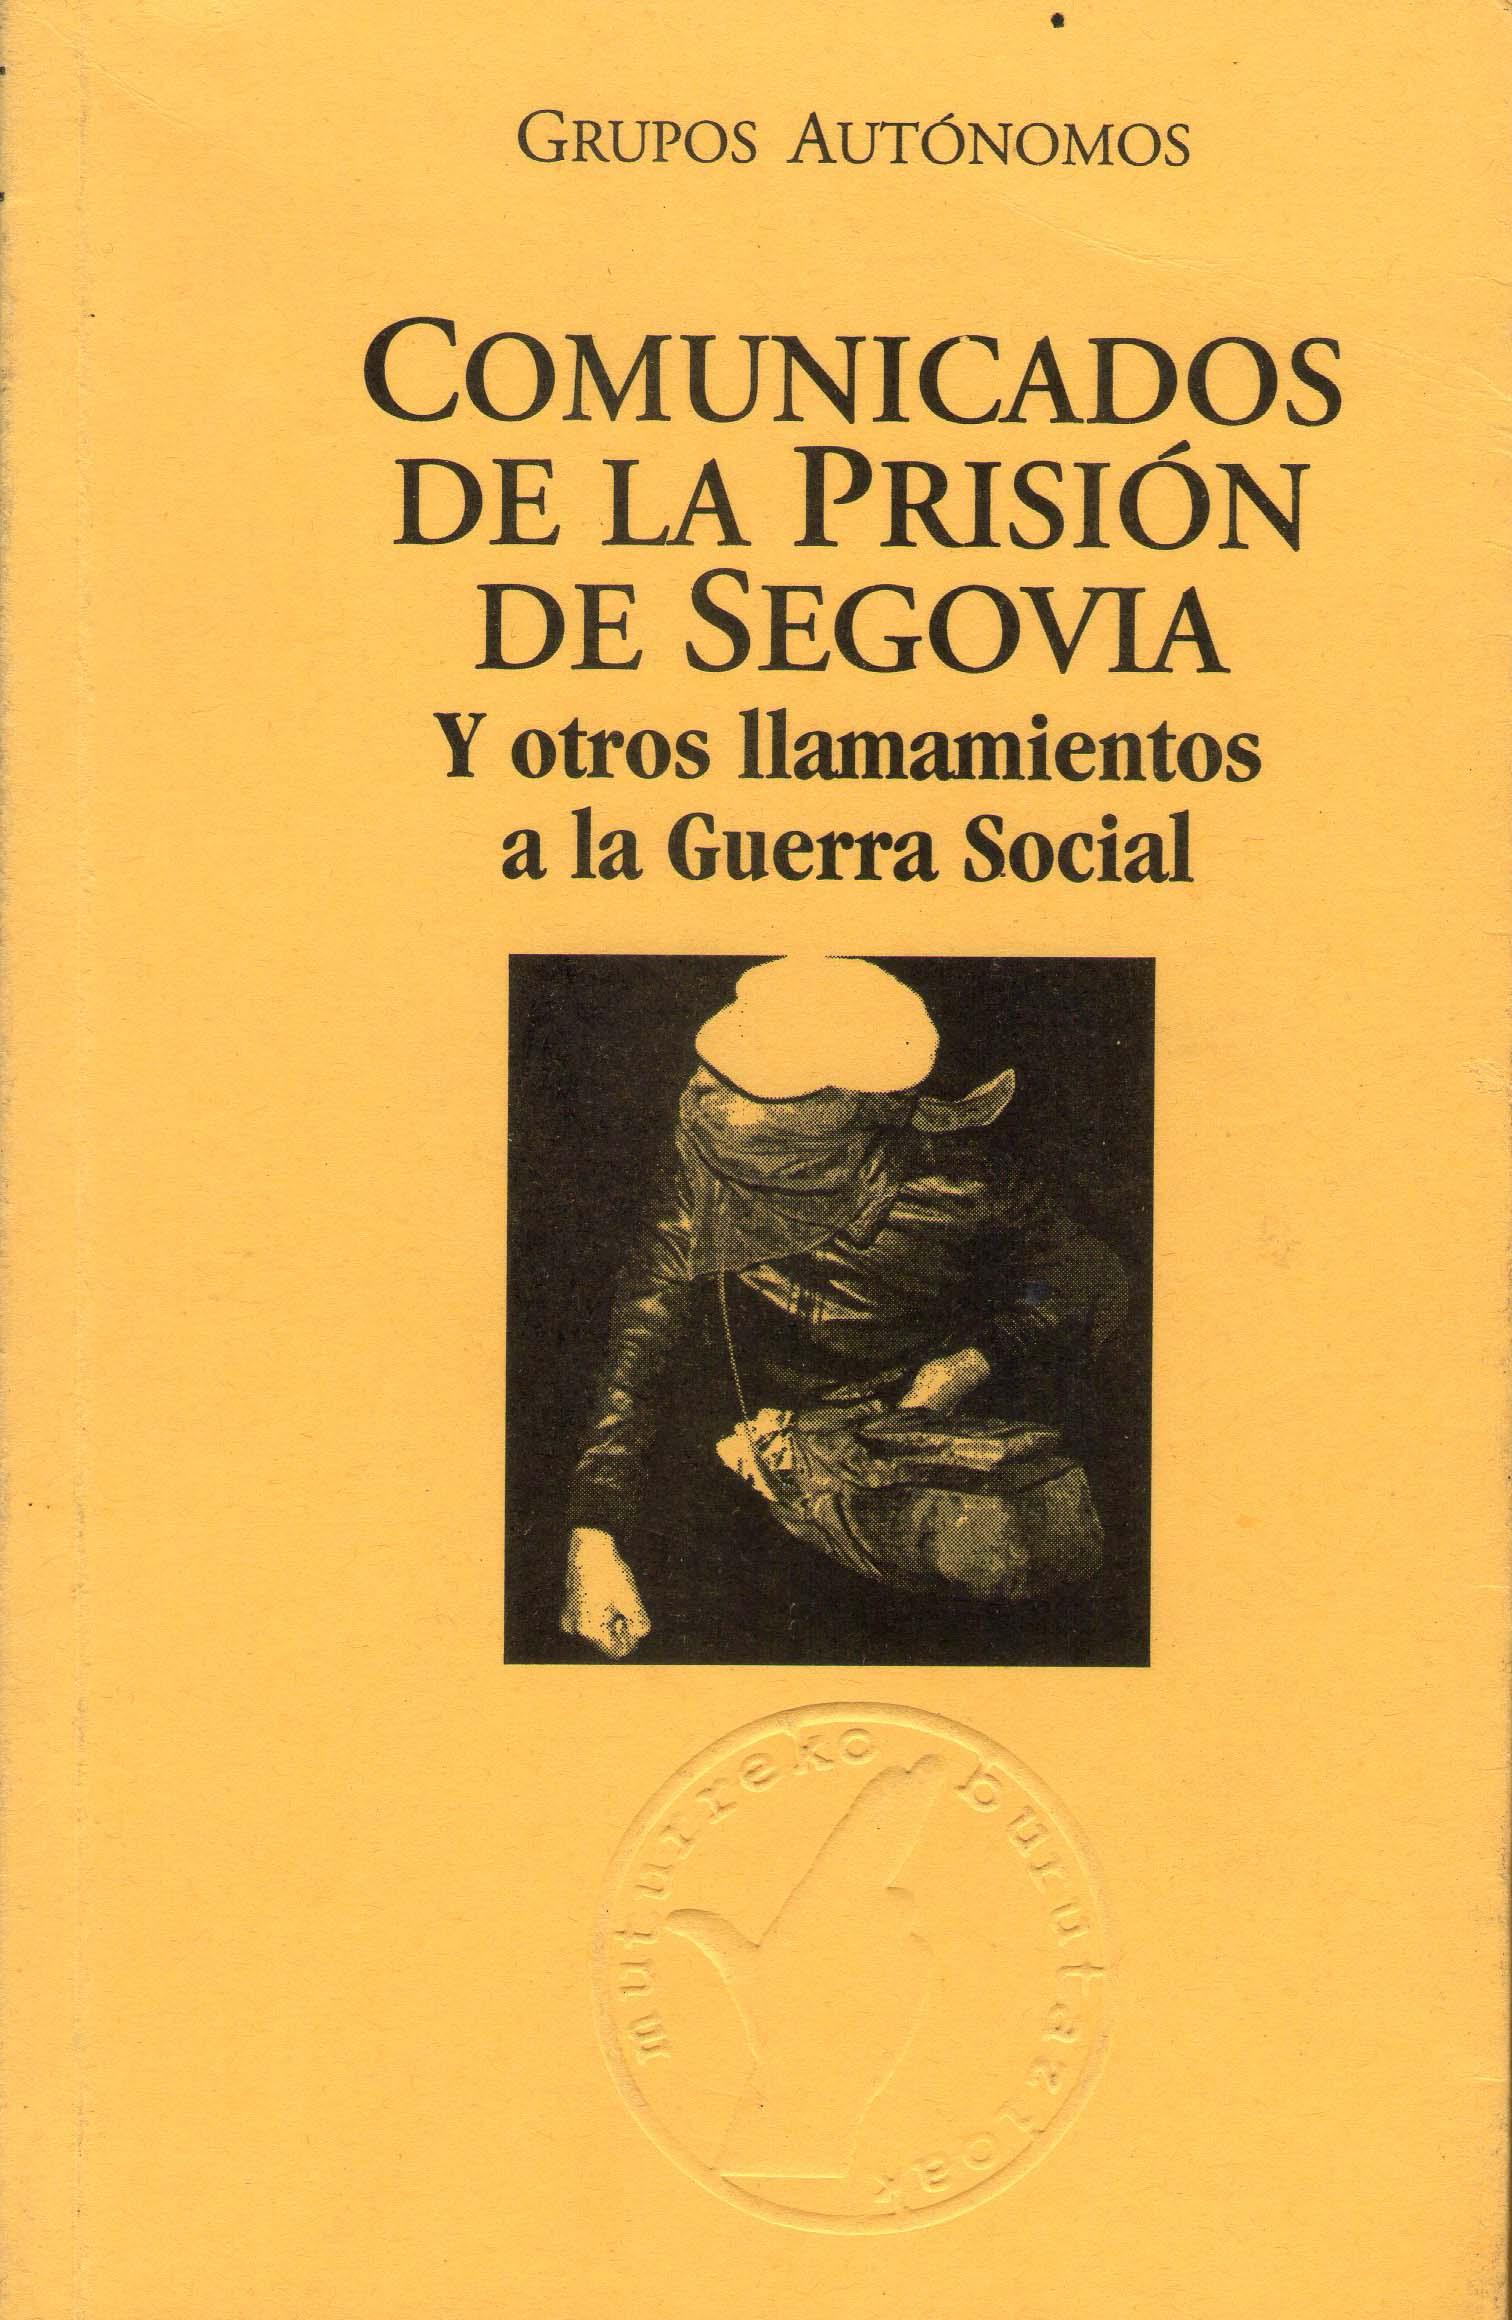 Comunicados de la prisión de Segovia